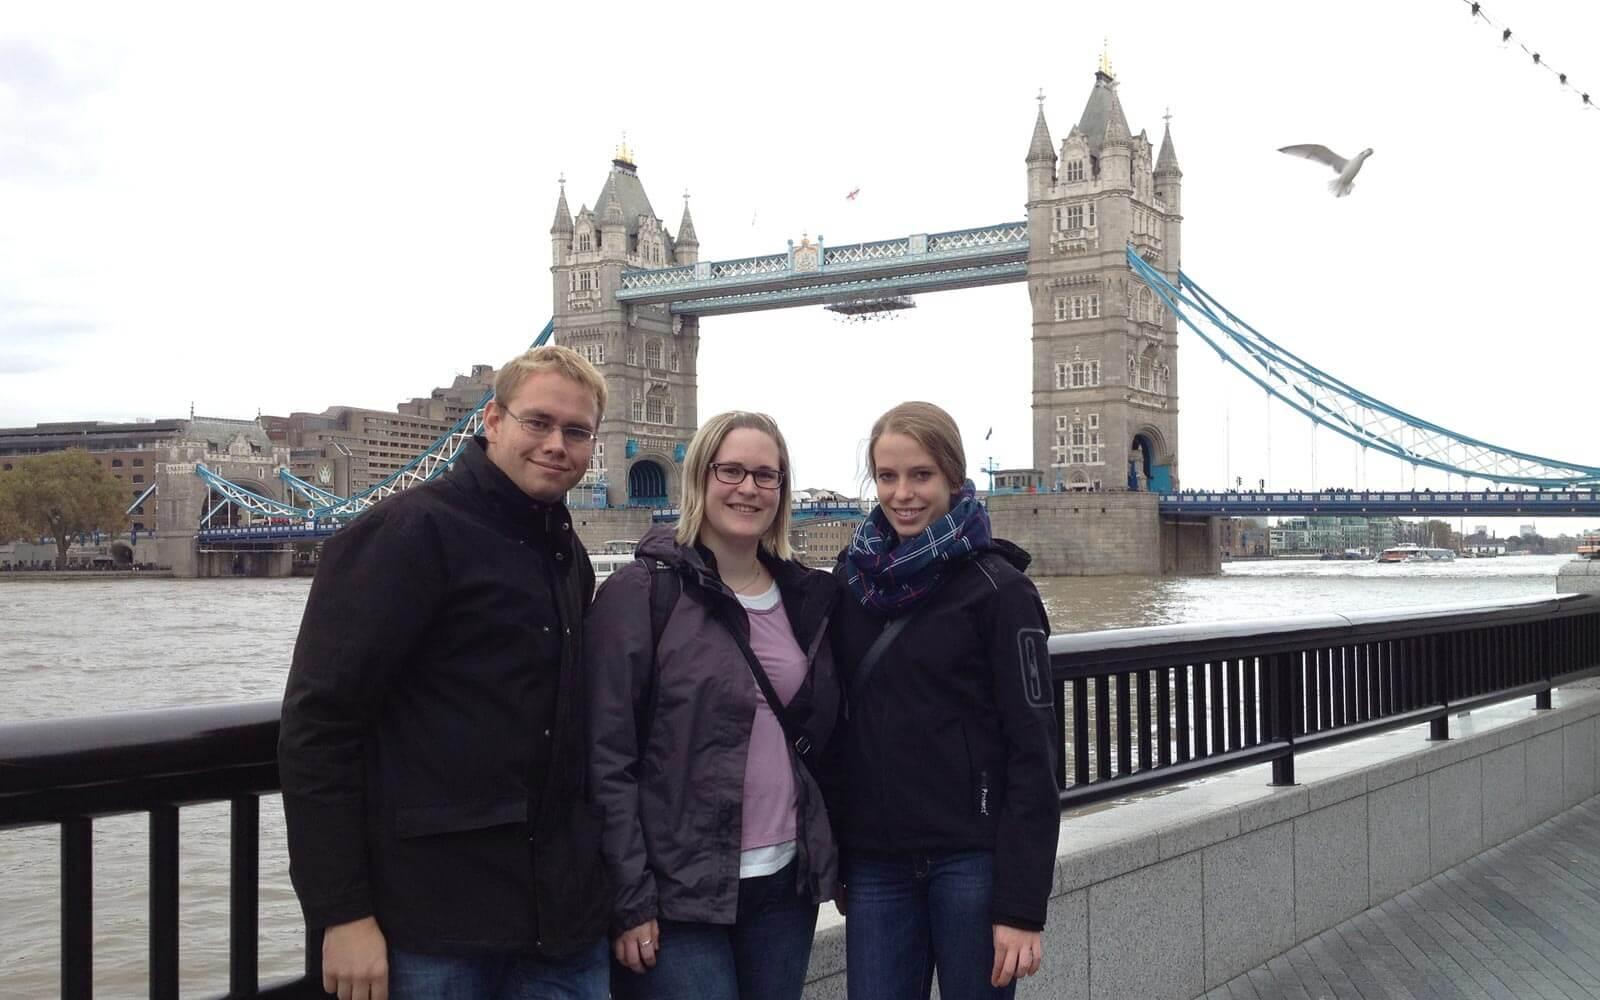 Luisa mit Freunden vor der Tower Bridge in London